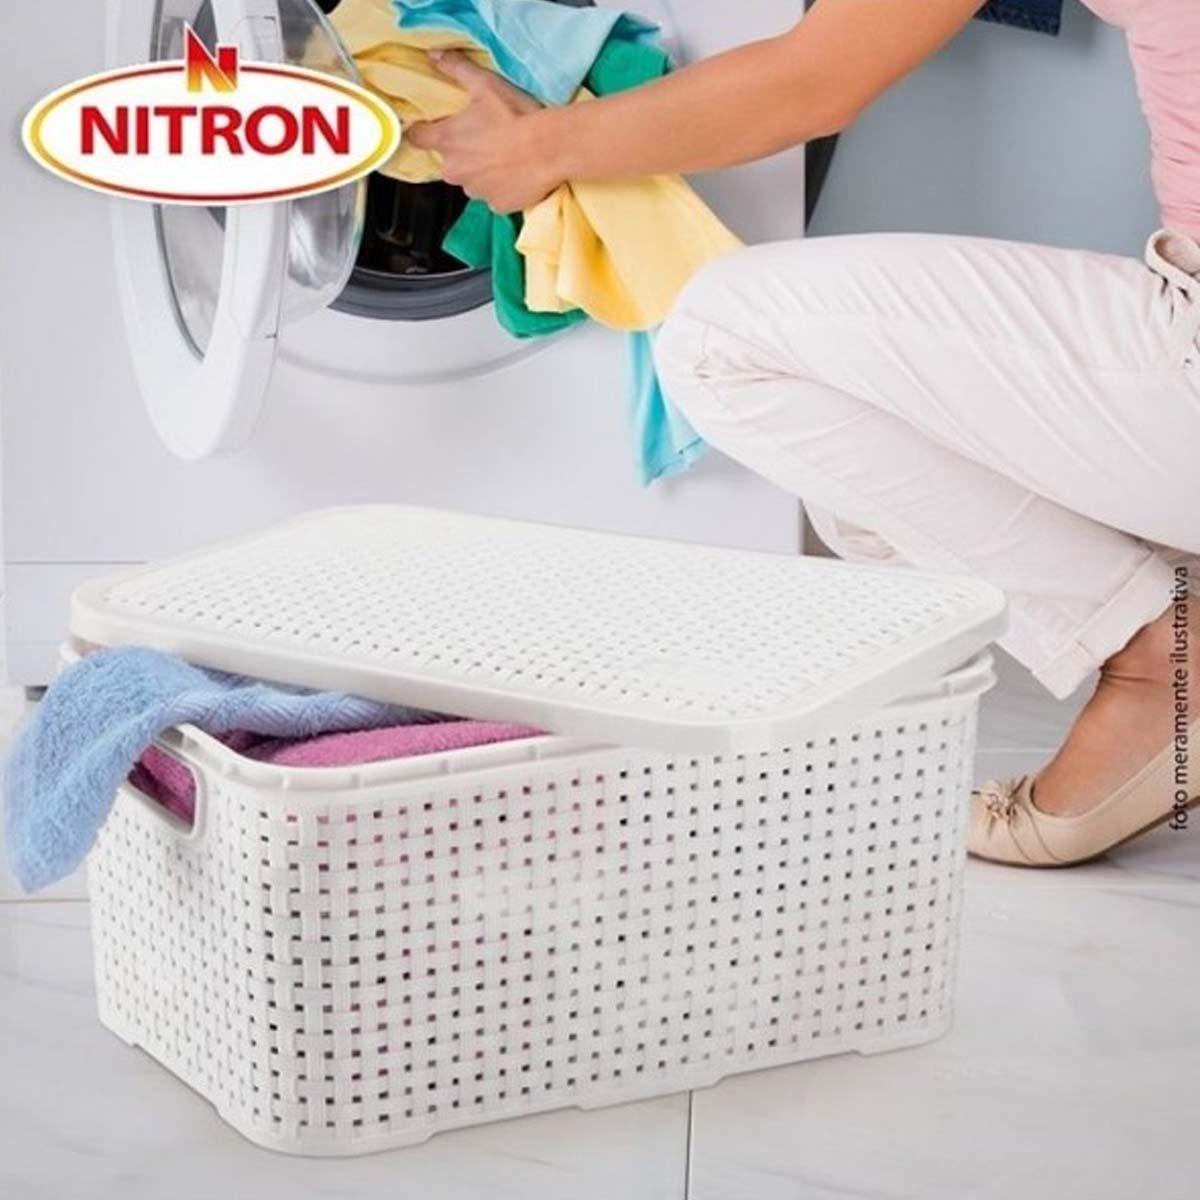 Caixas Organizadora Plástica Rattan Nitron Tampa Cesto Rosa PP